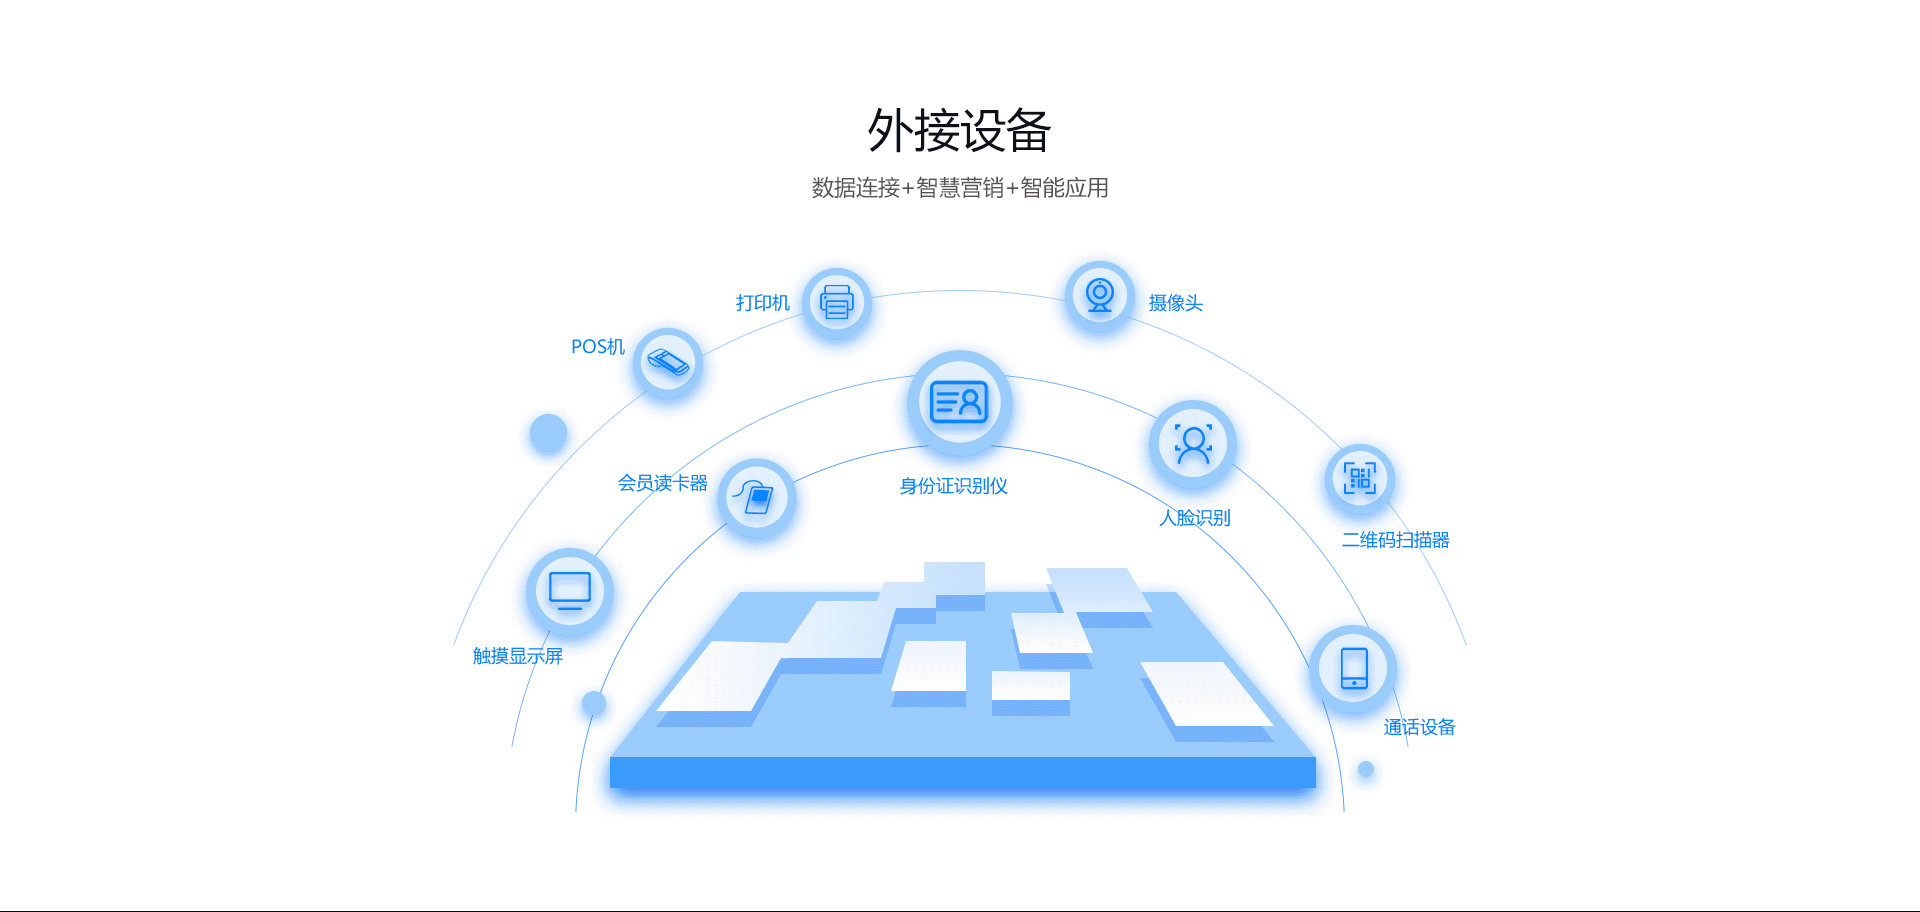 云标自助服务系统,解决客流量大、服务人员紧缺、服务环节繁多等问题。